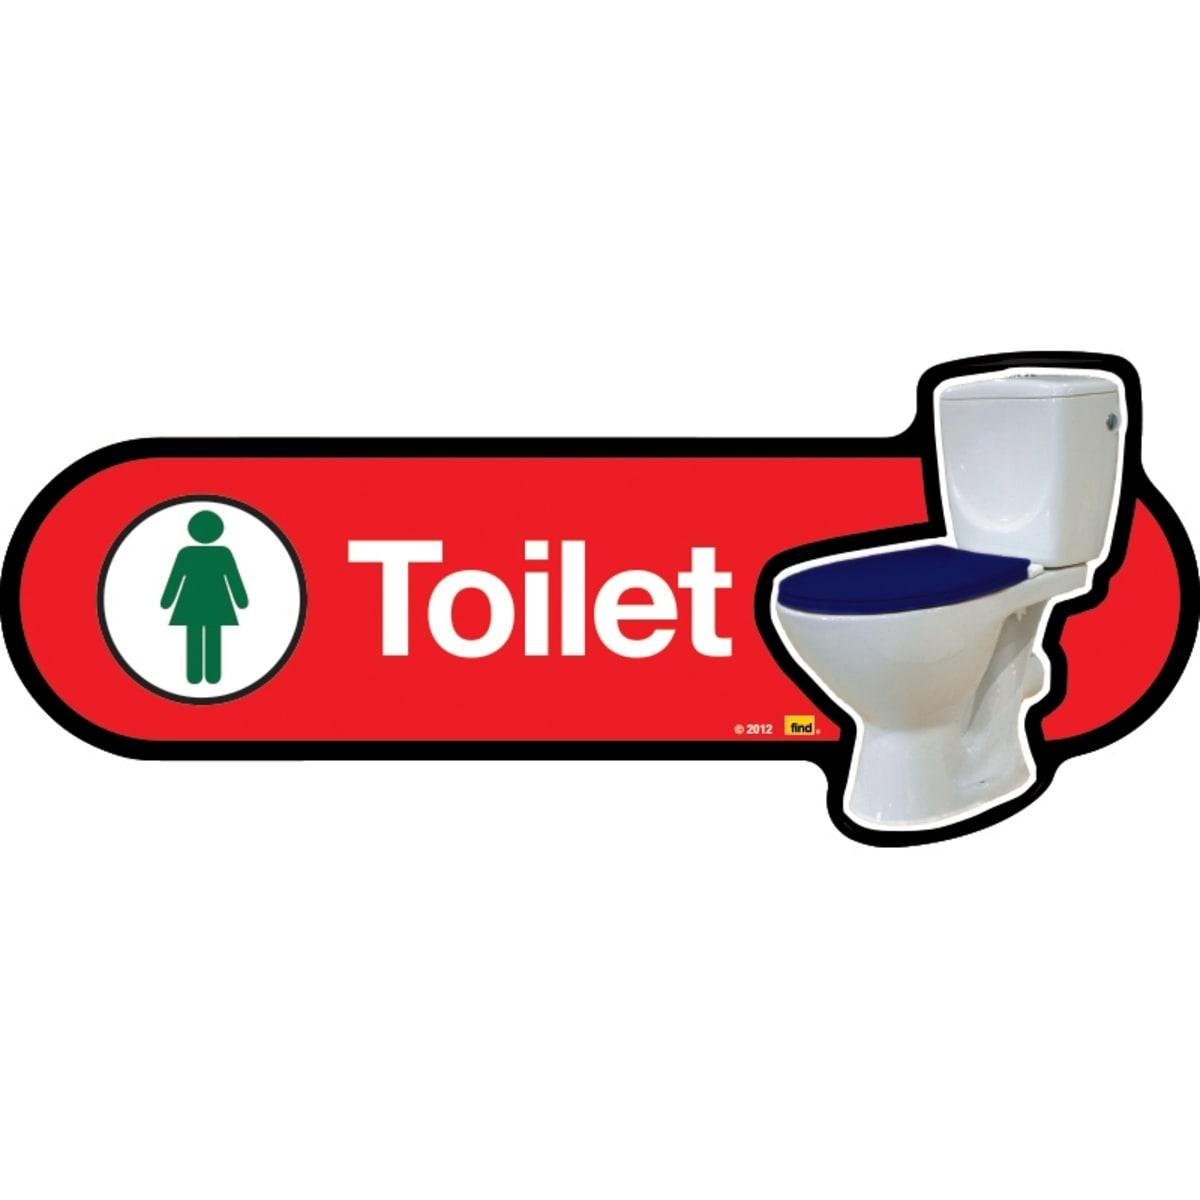 Female Toilet with Symbol - Dementia Signage